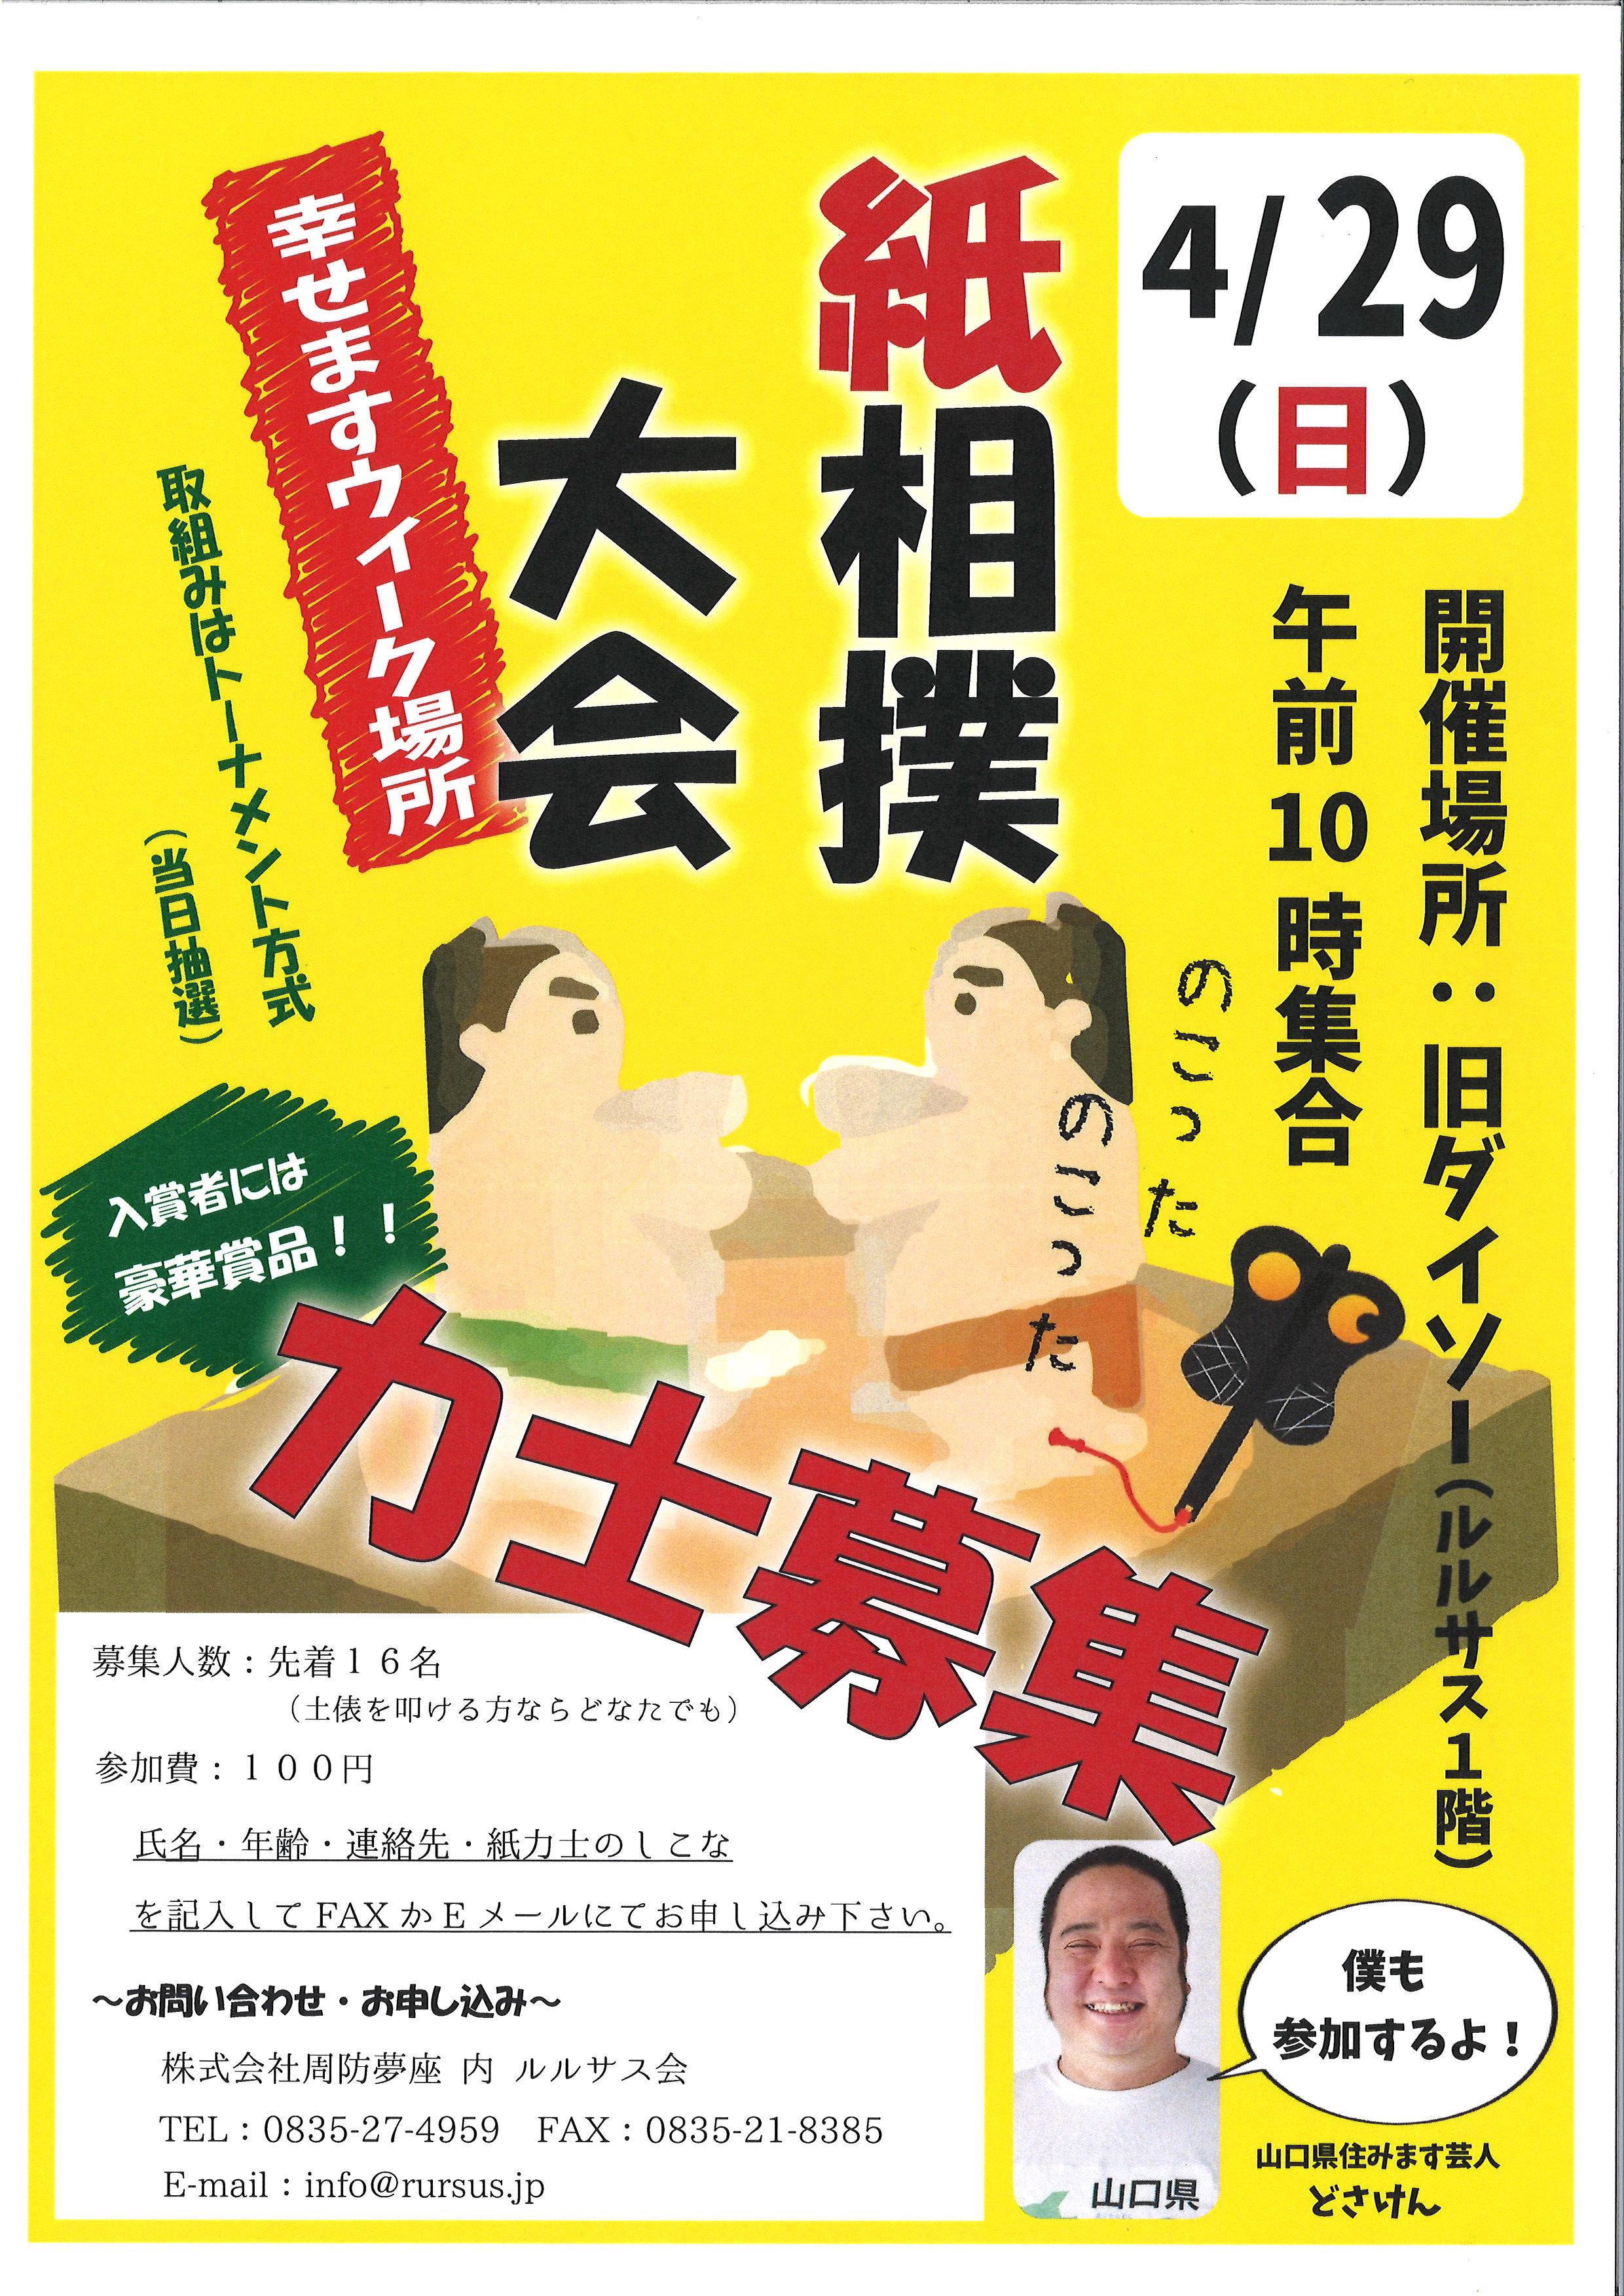 紙相撲大会